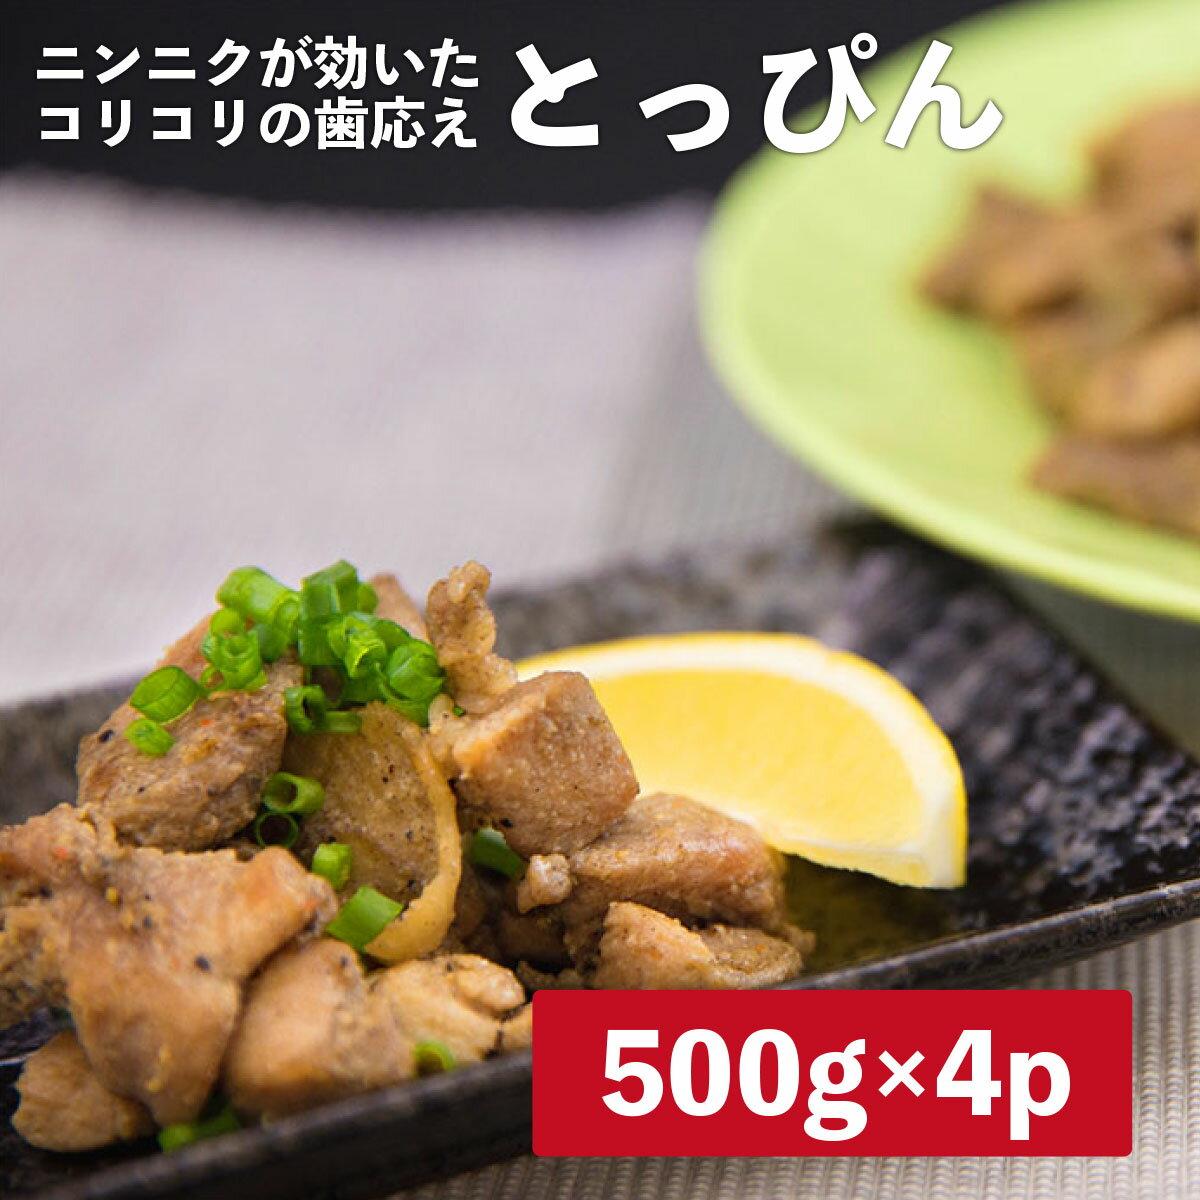 【ふるさと納税】MMT11 コリコリハマる! とっぴん 2kgセット